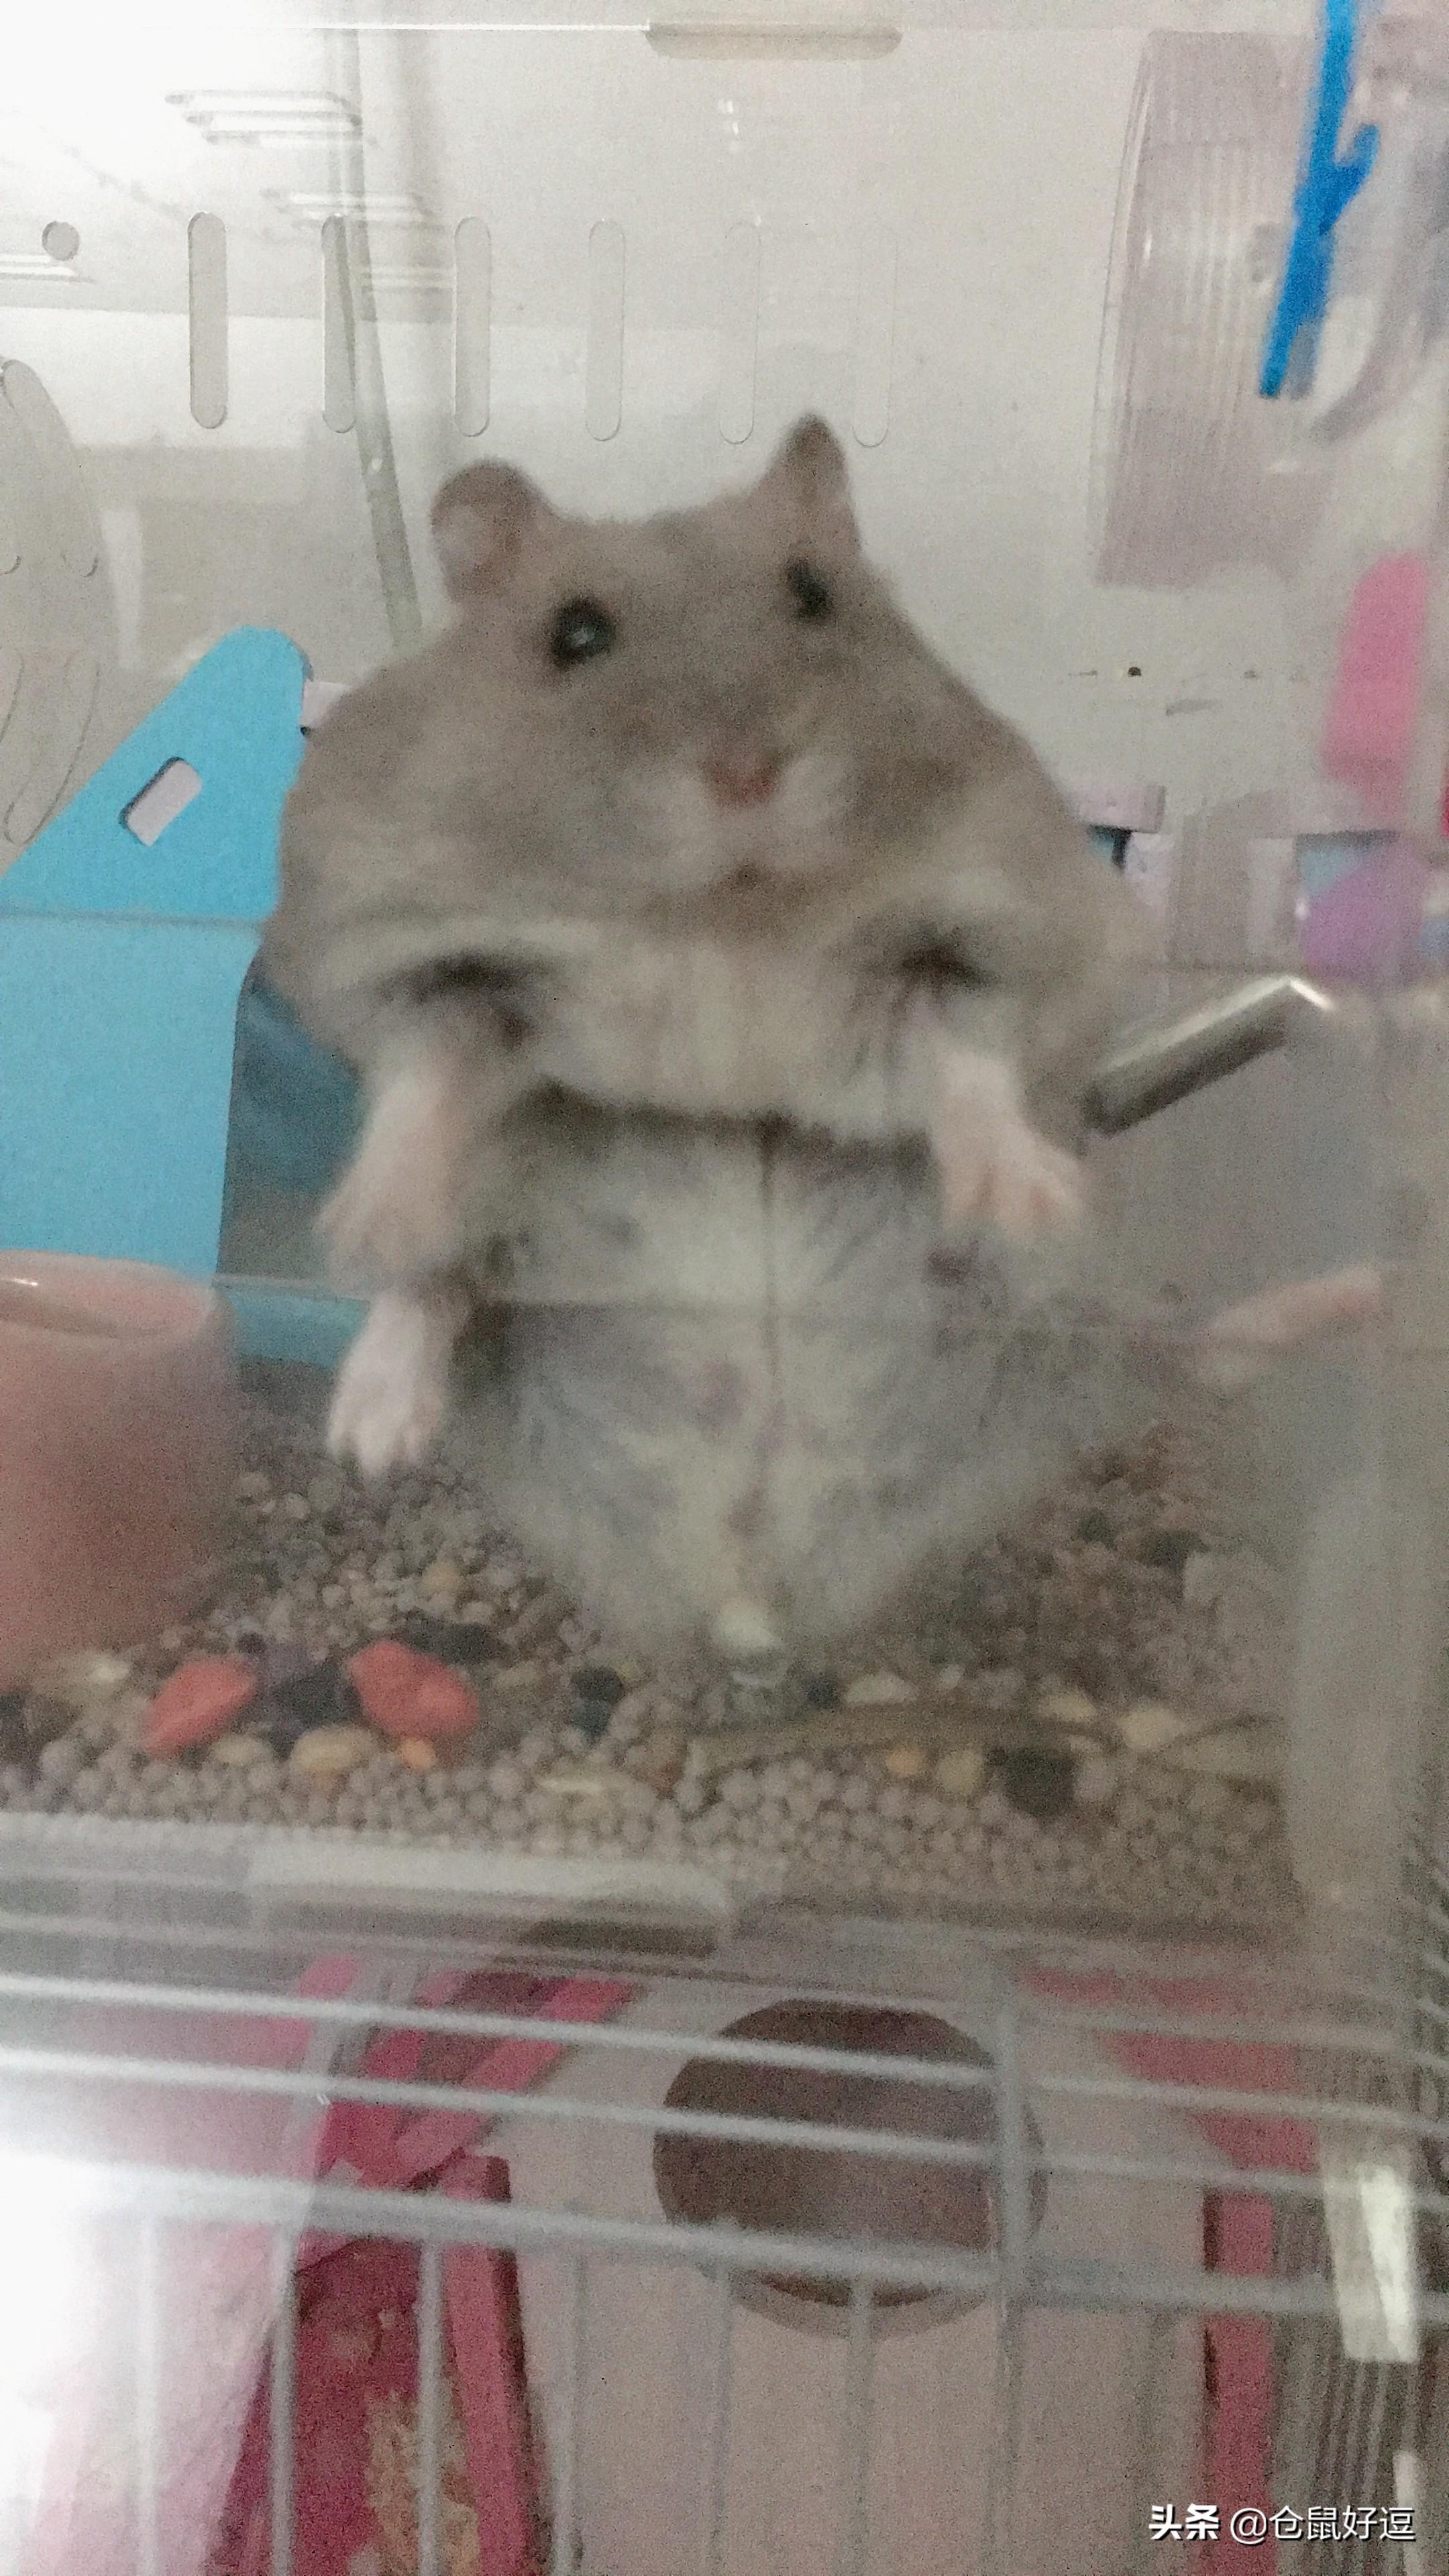 小仓鼠应不应该多吃瓜子和面包虫呢?